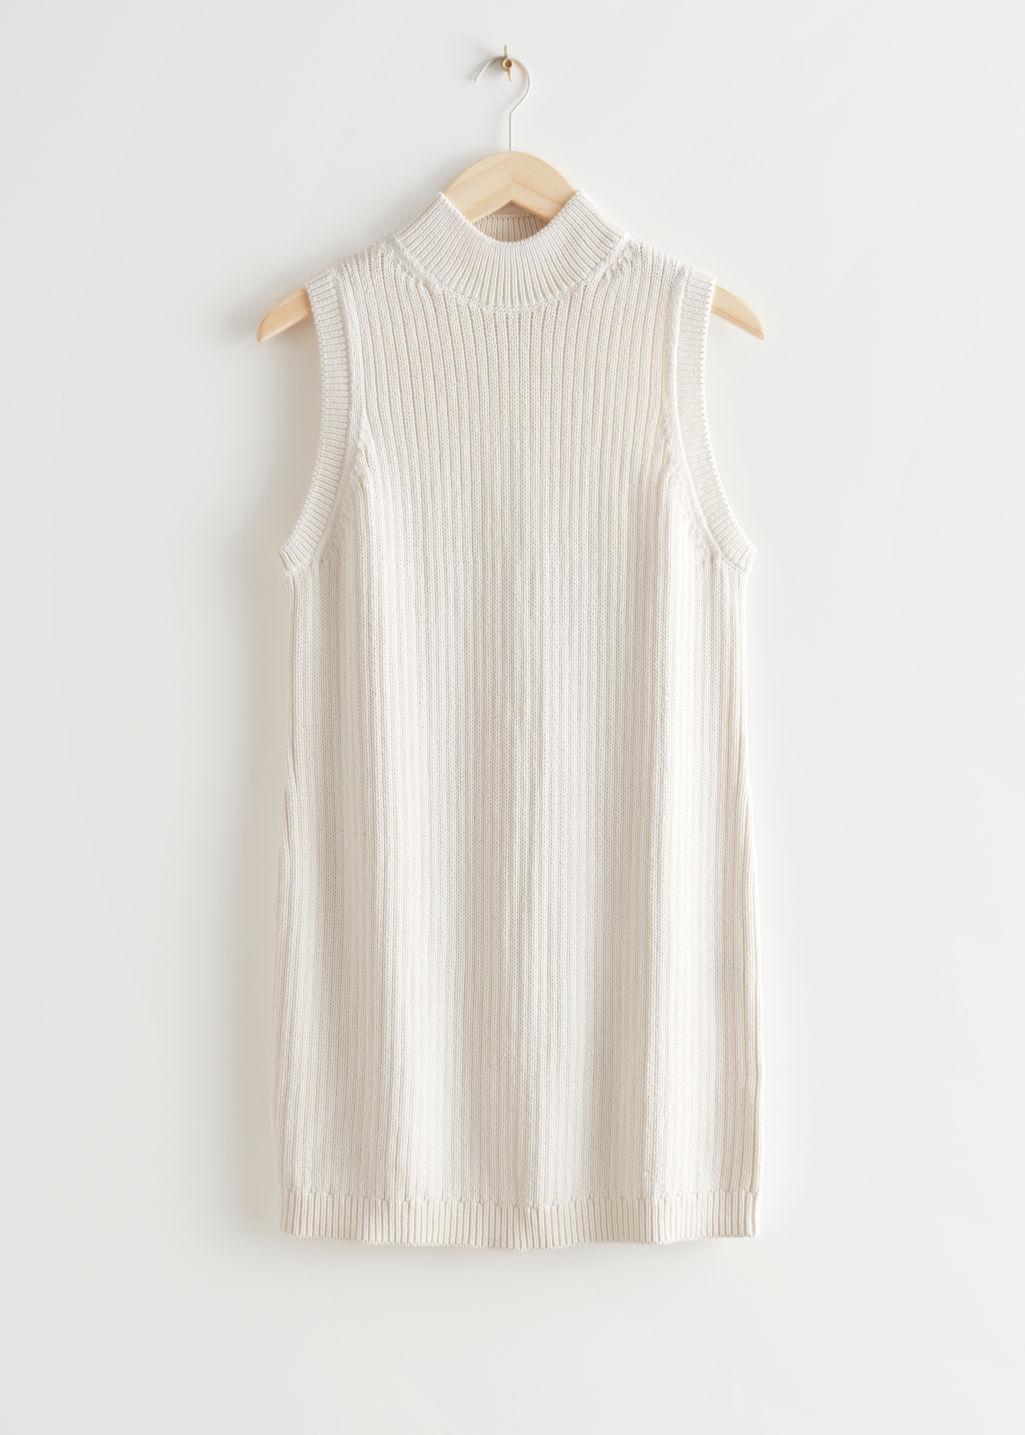 Kort kjole uten ermer